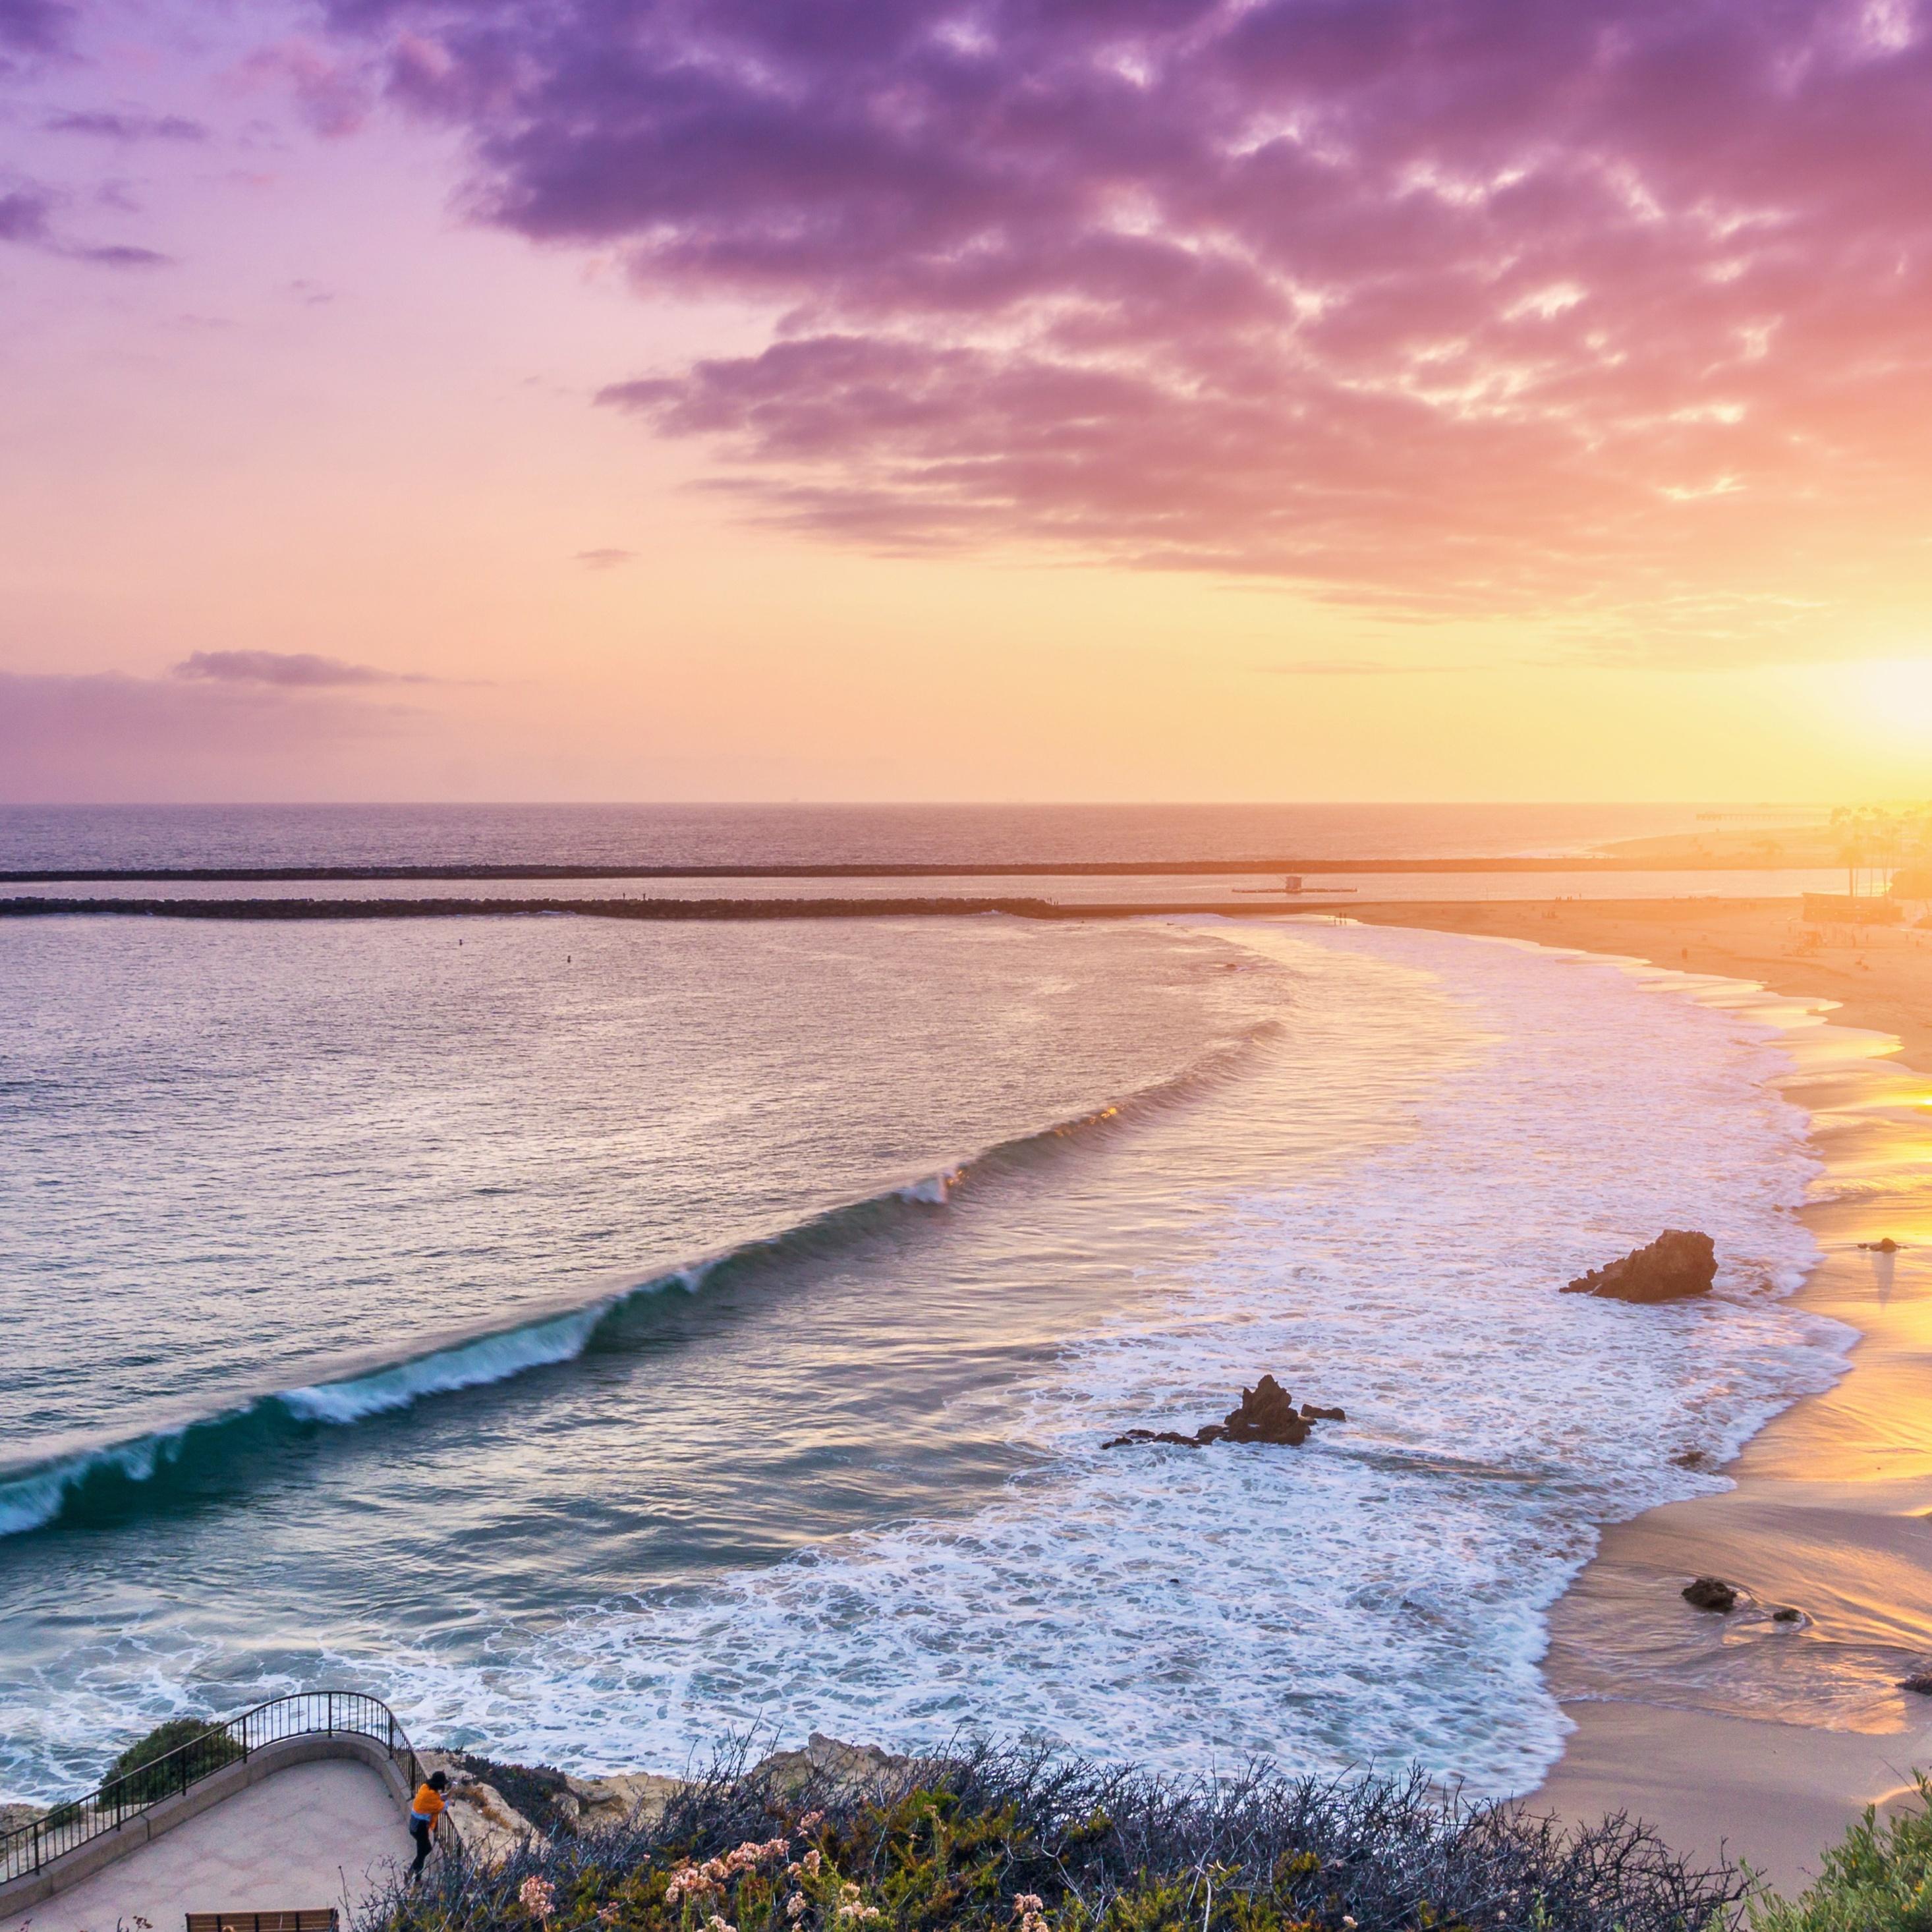 2932x2932 Corona Del Mar Newport Beach 5k Ipad Pro Retina